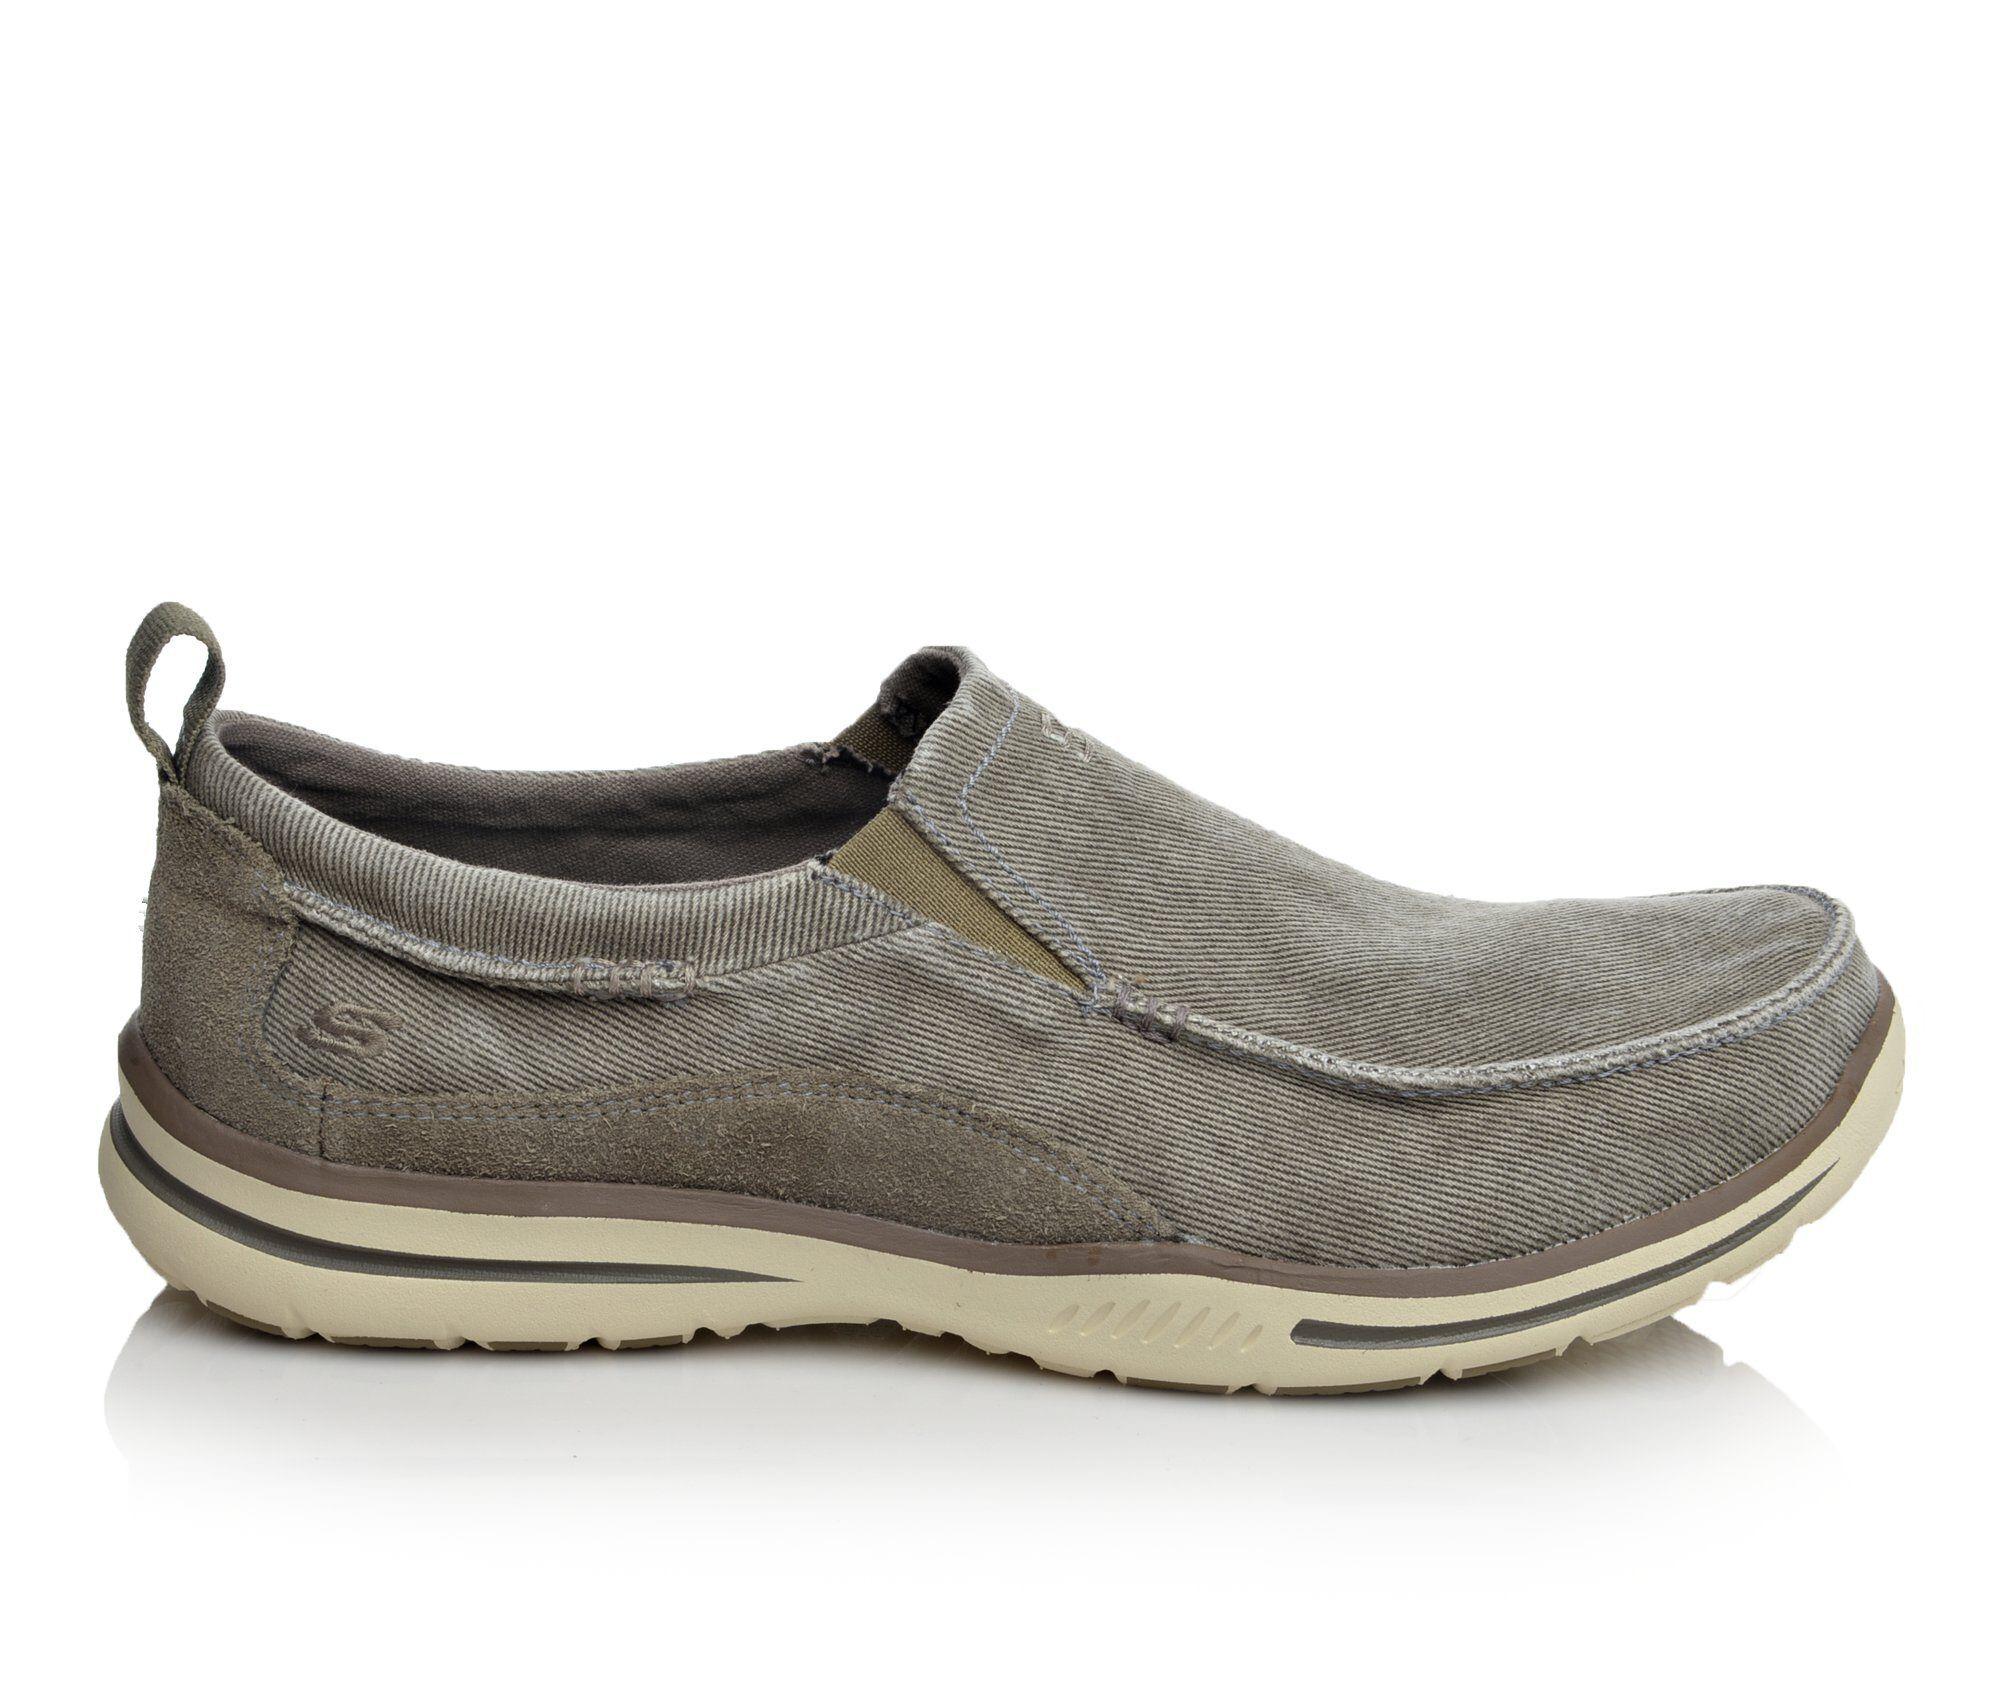 Beautiful Men's Skechers Drigo 64654 Casual Shoes Taupe